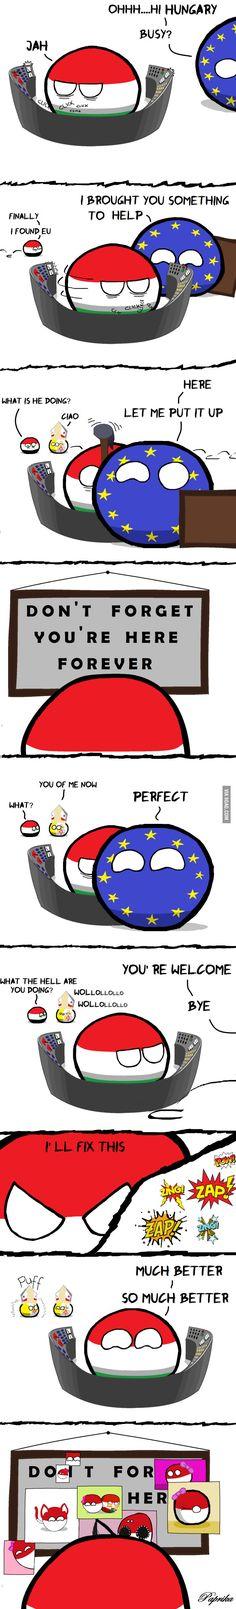 Never gona give you up! #countryballs #polandball